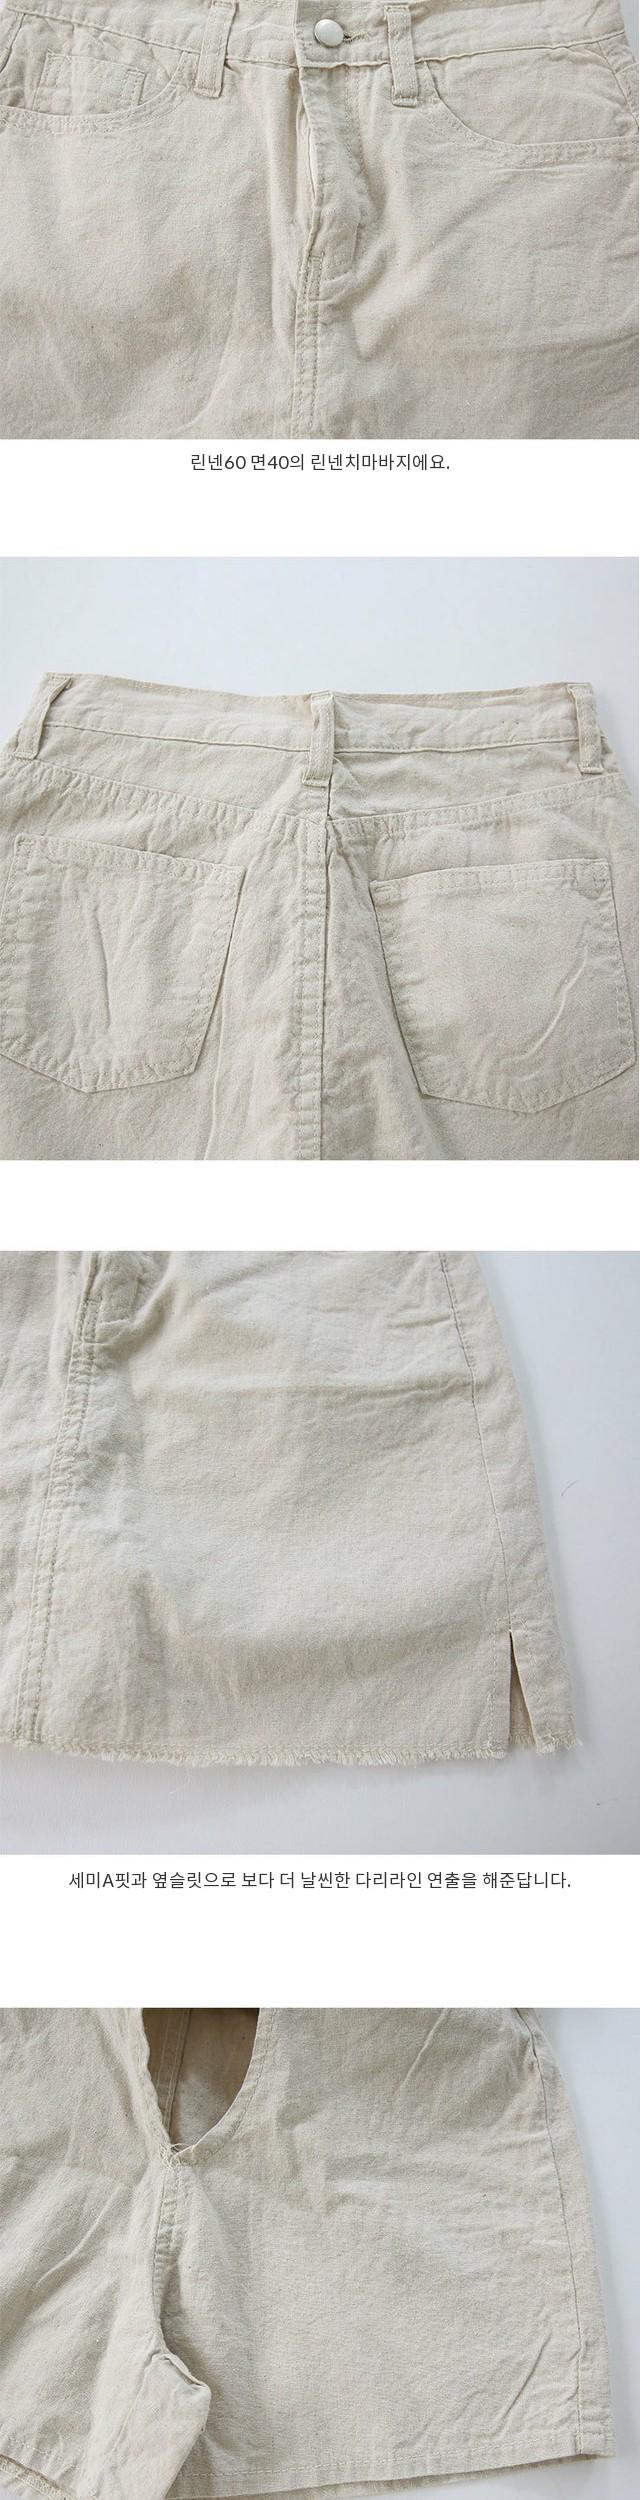 Clean-skirt pants